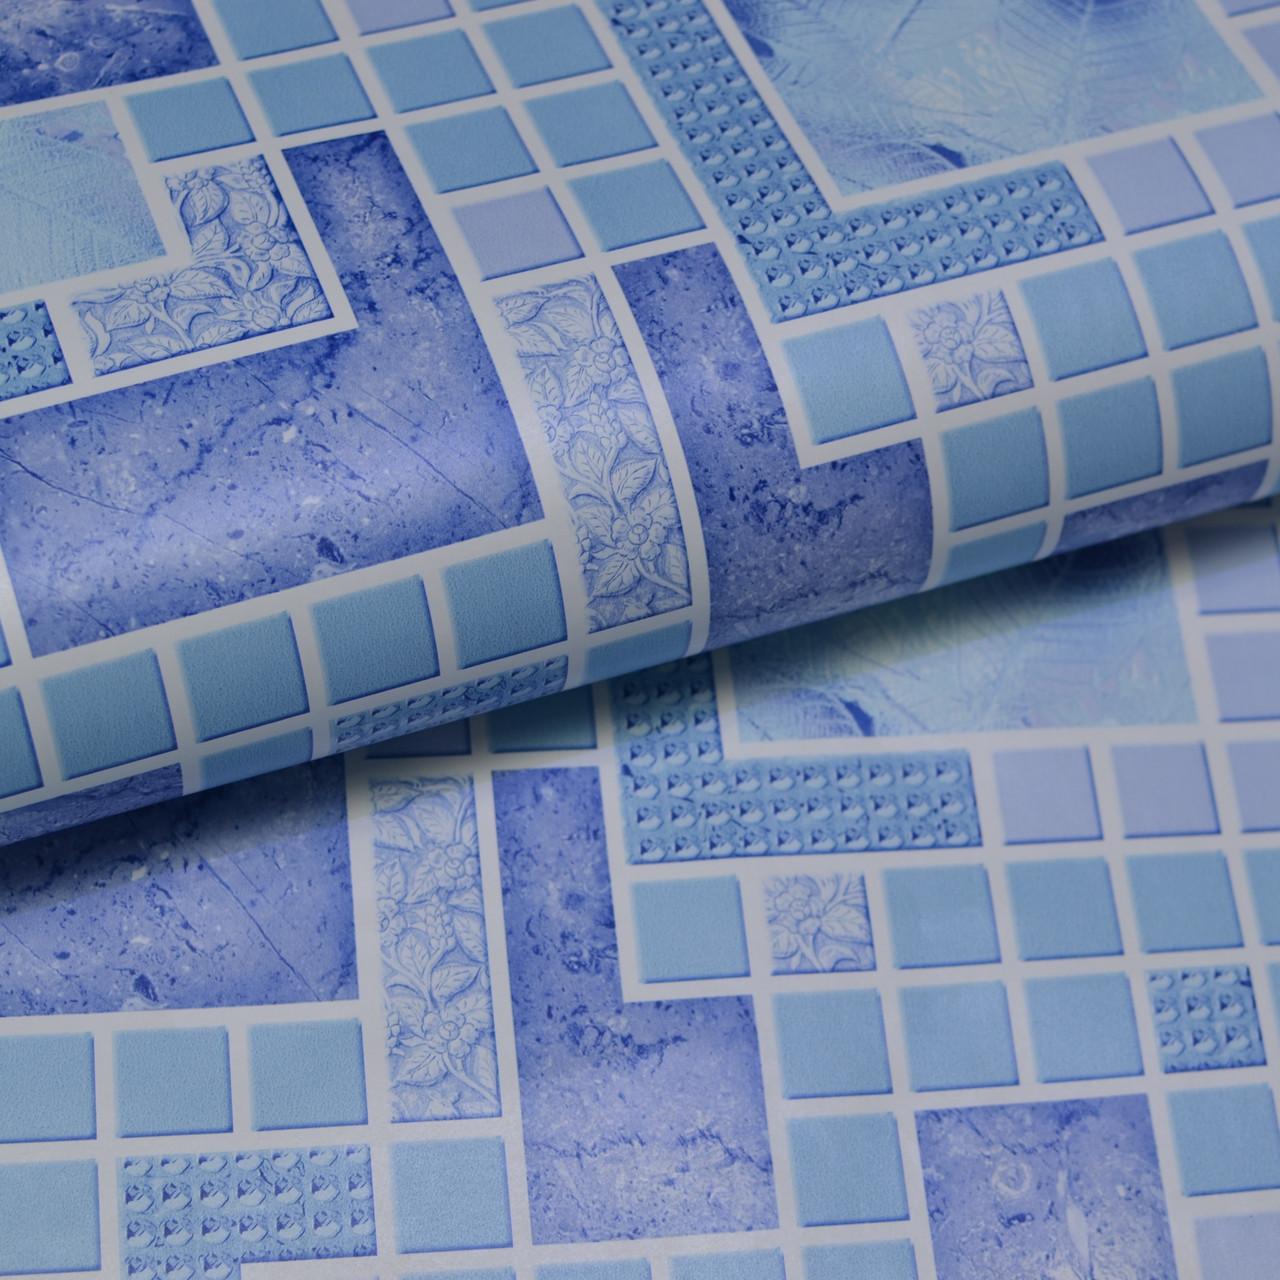 Обои для стен шпалери абстракция под плитку синие сині влагостойкие  0.53*10м, ограниченное количество